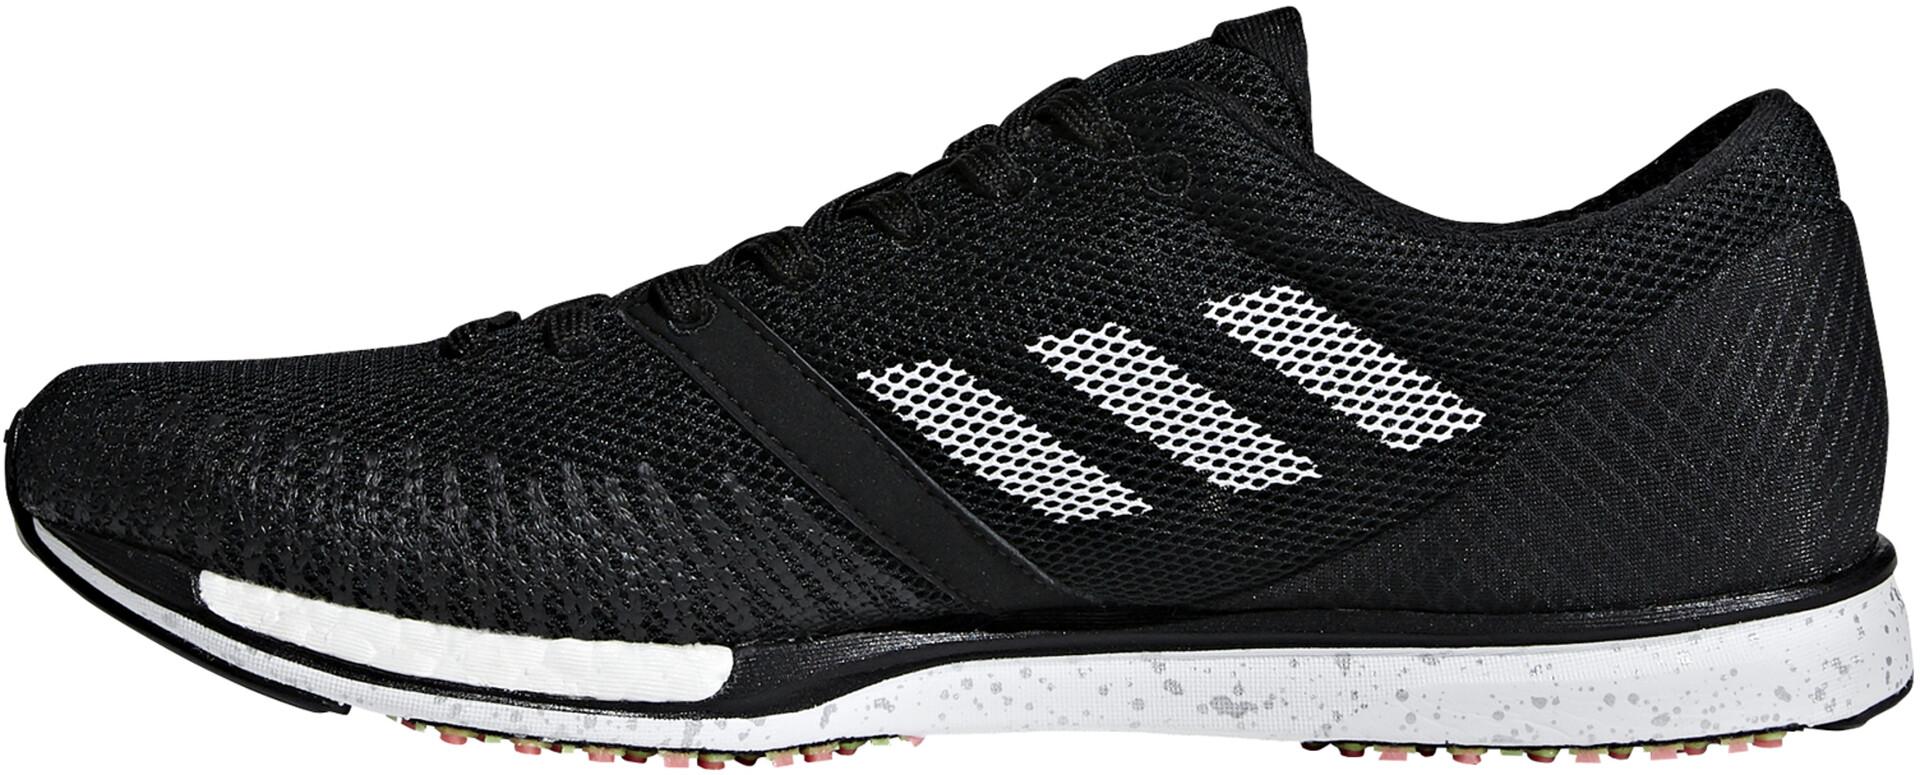 Noir 5 Adidas Chaussures Running Adizero Takumi Sen Homme nwOPk80